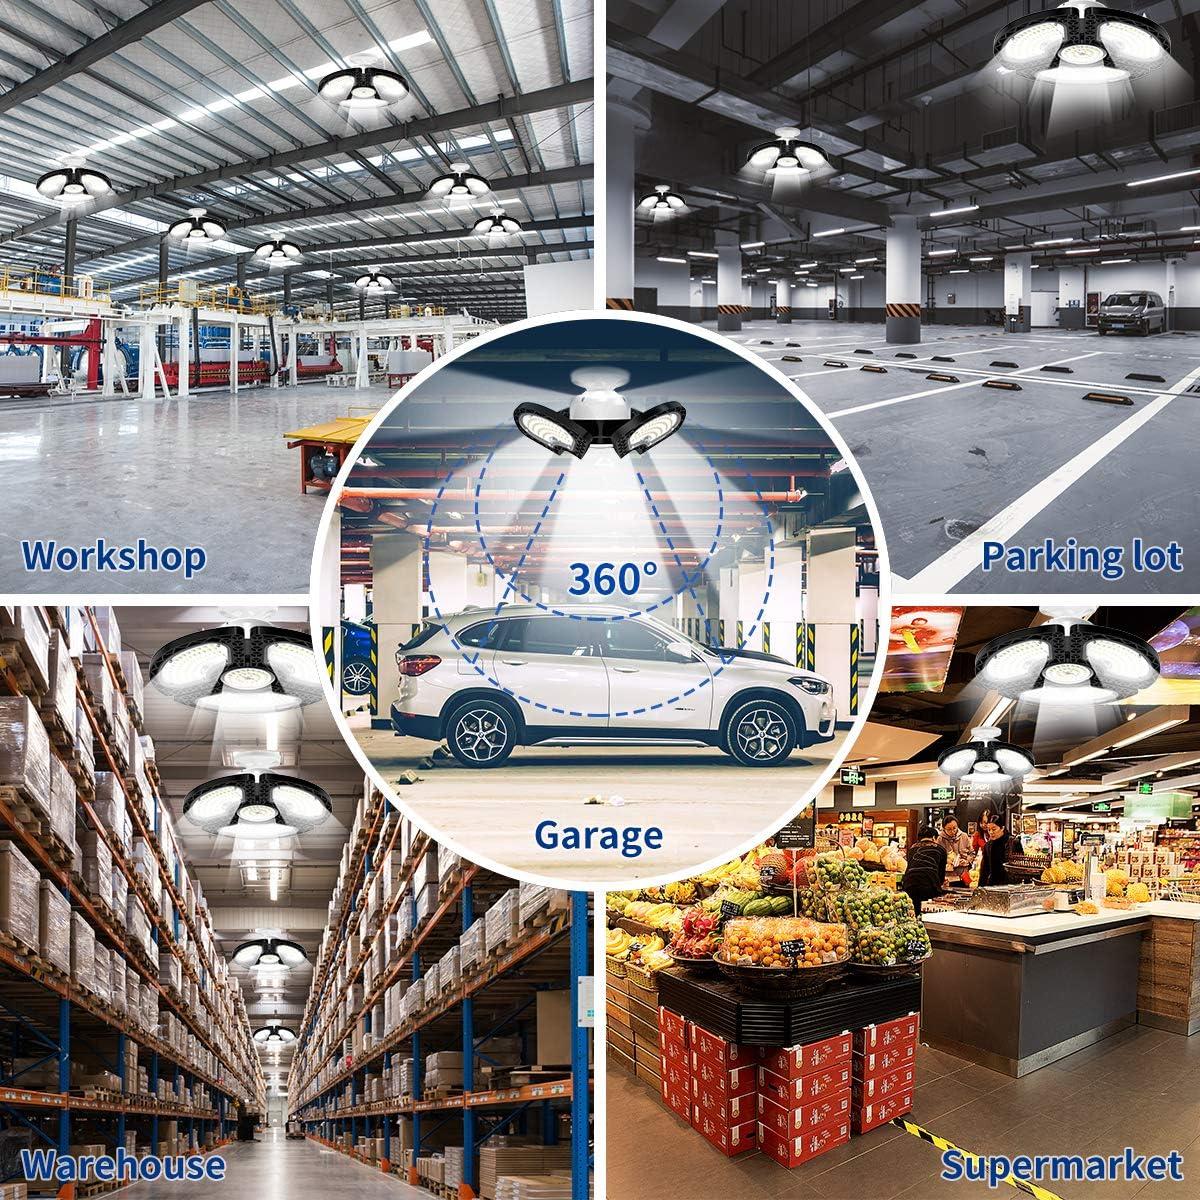 Garage Lights with 3 Adjustable Panels,Utility Led Garage Lighting,LED Light Bulbs for barn etc. 80W Deformable LED Garage Ceiling Lights 12000 LM CRI 80 Led Shop Lights for Garage LED Garage Lights